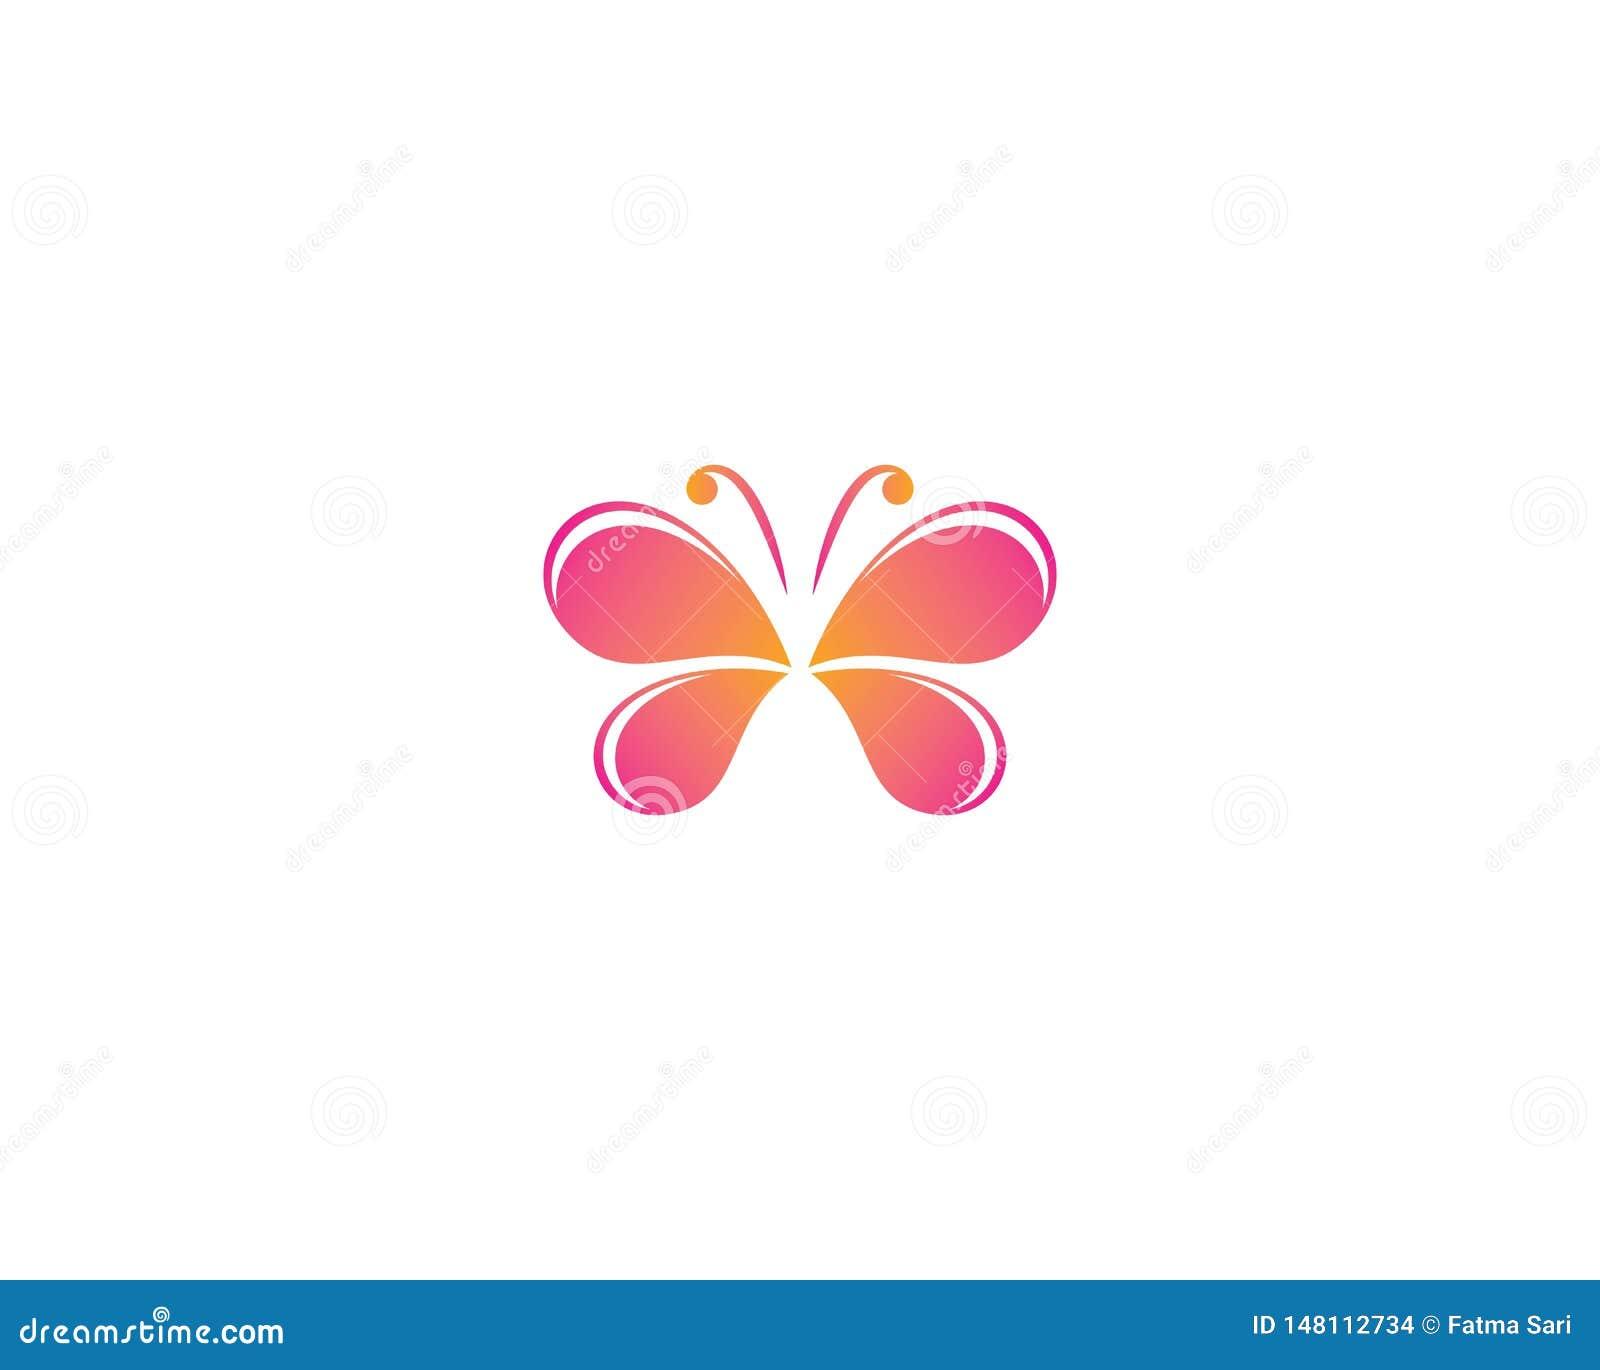 Ilustra??o do s?mbolo da borboleta